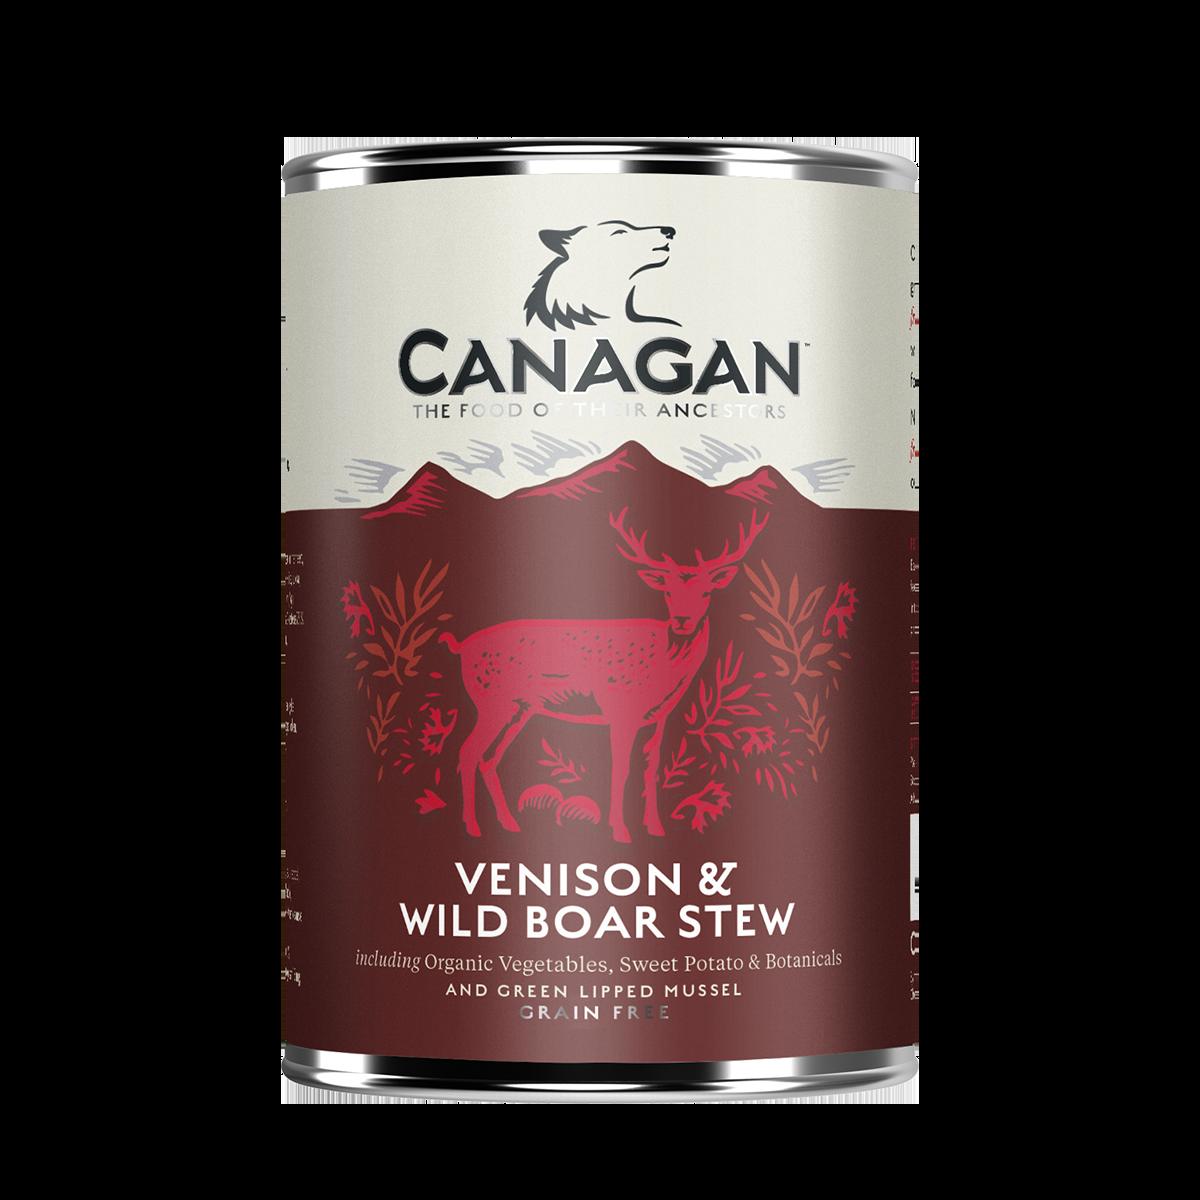 Canagan Venison & Wild Boar Stew 400g